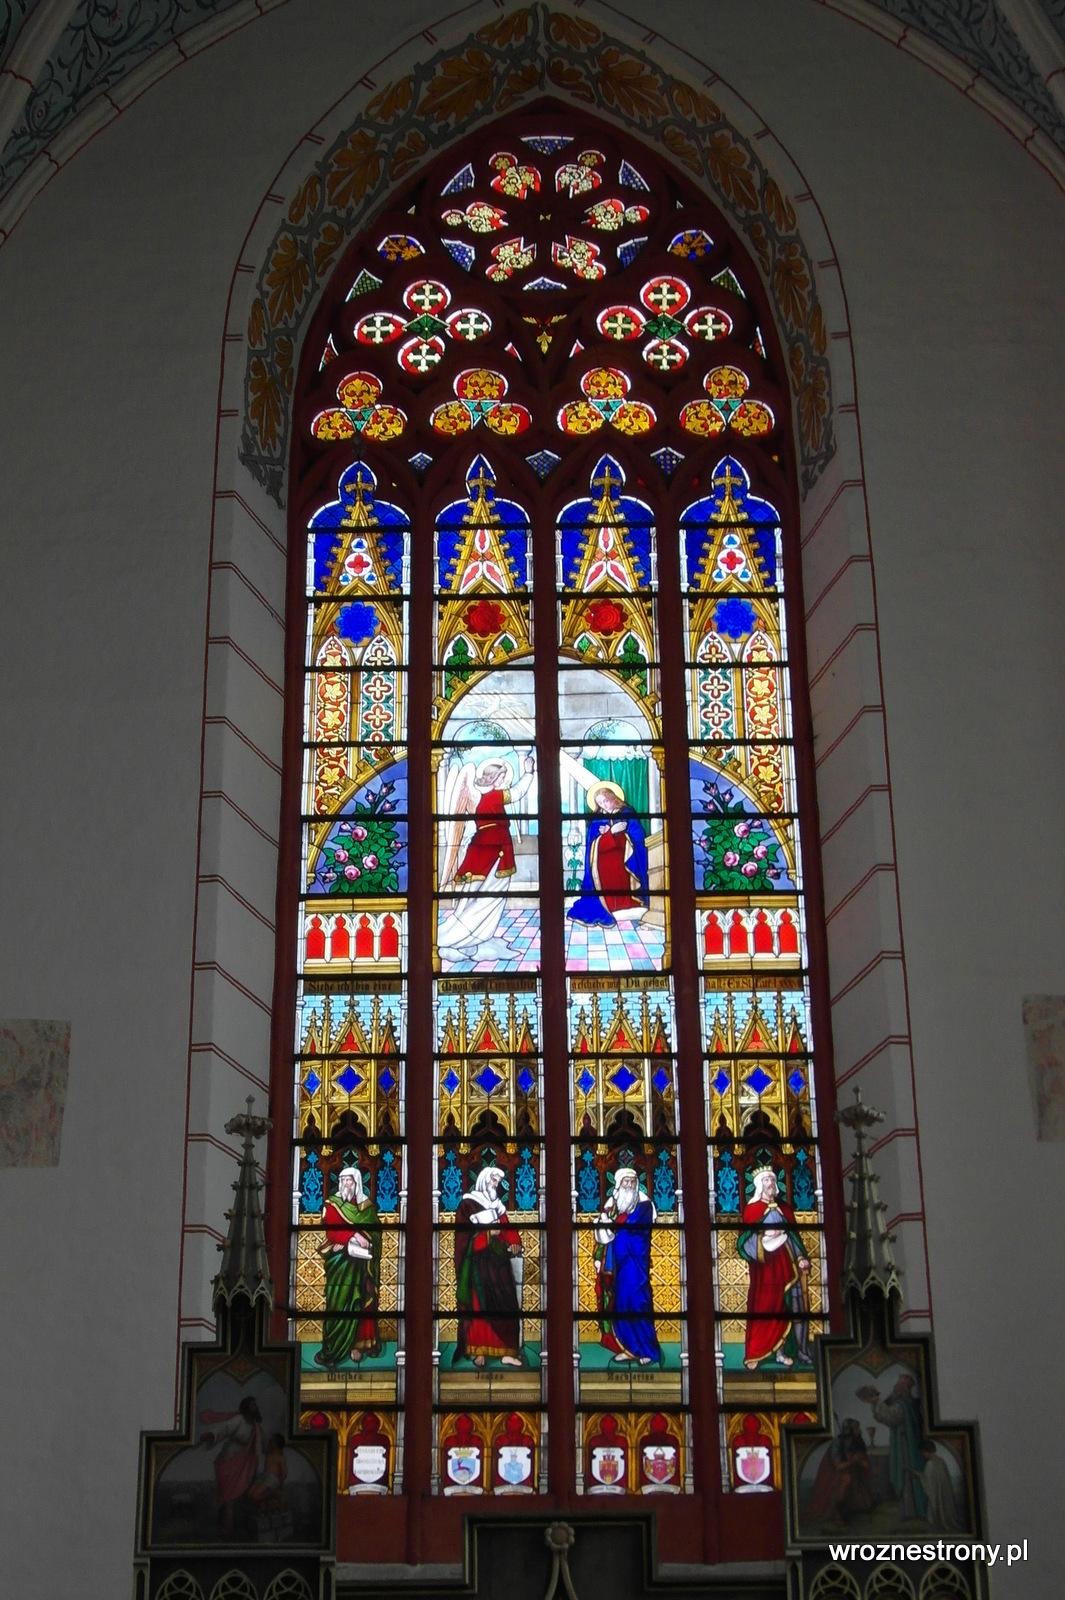 Witraż w kościele św. Jakuba i św. Mikołaja